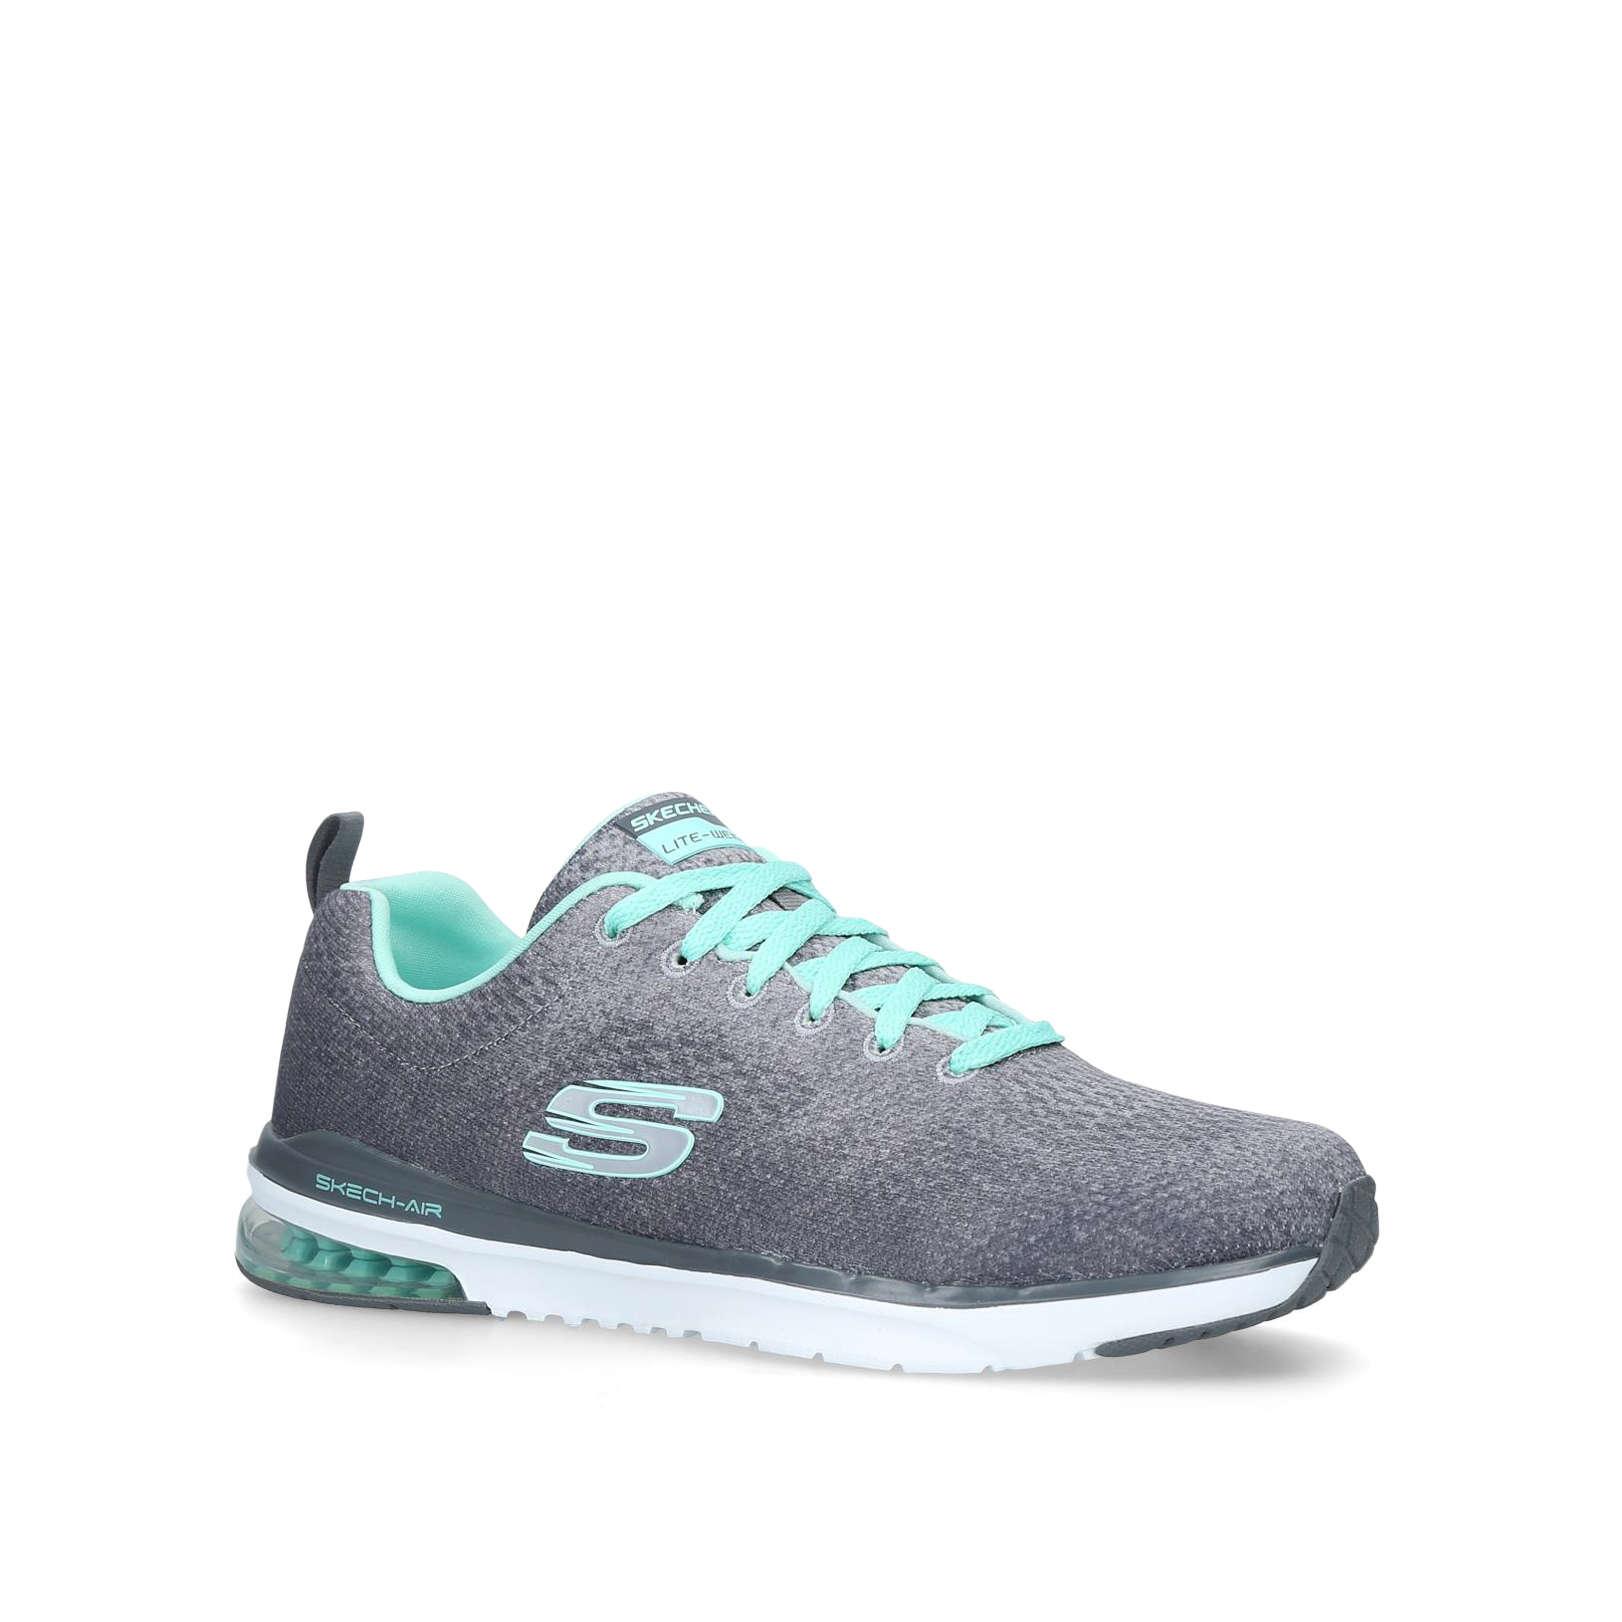 SKETCH AIR INFINITY - SKECHERS Sneakers